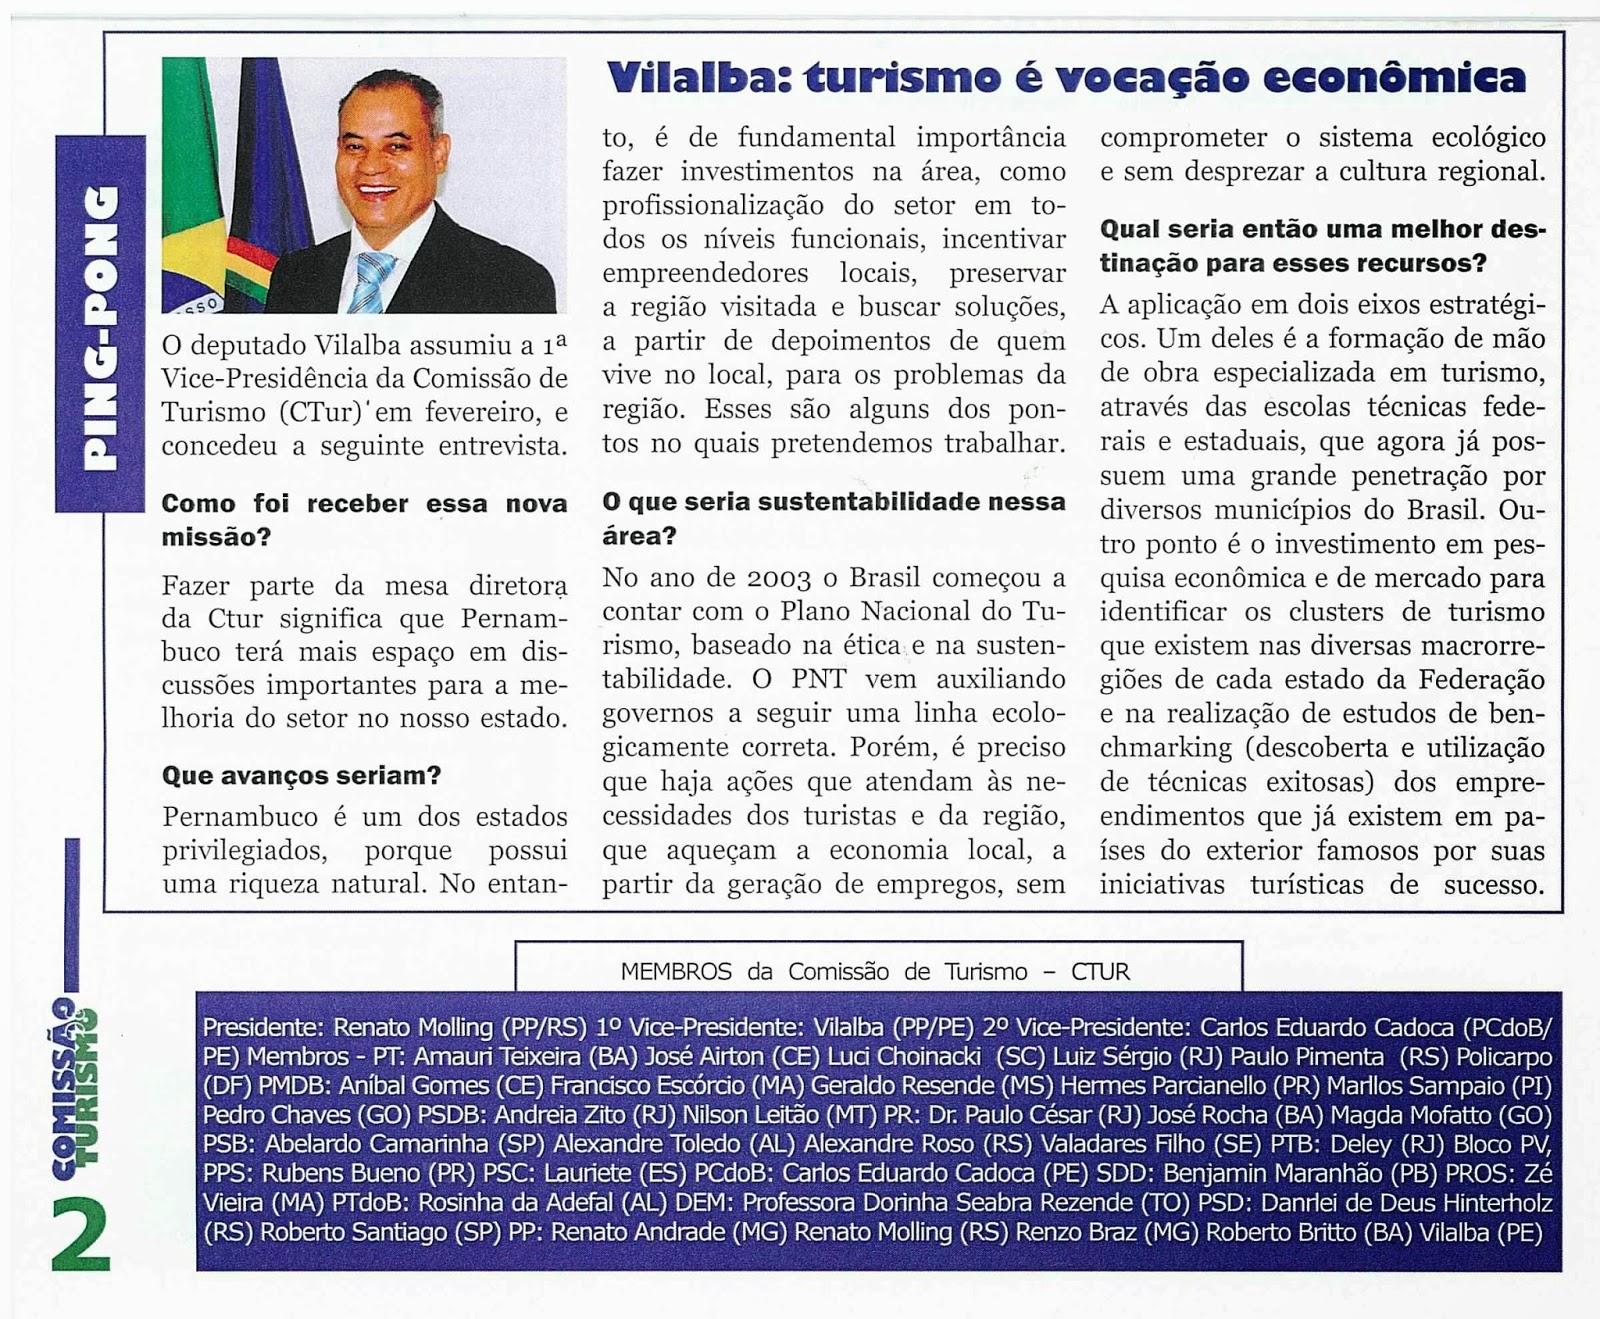 Vilalba - Comissão de Turismo